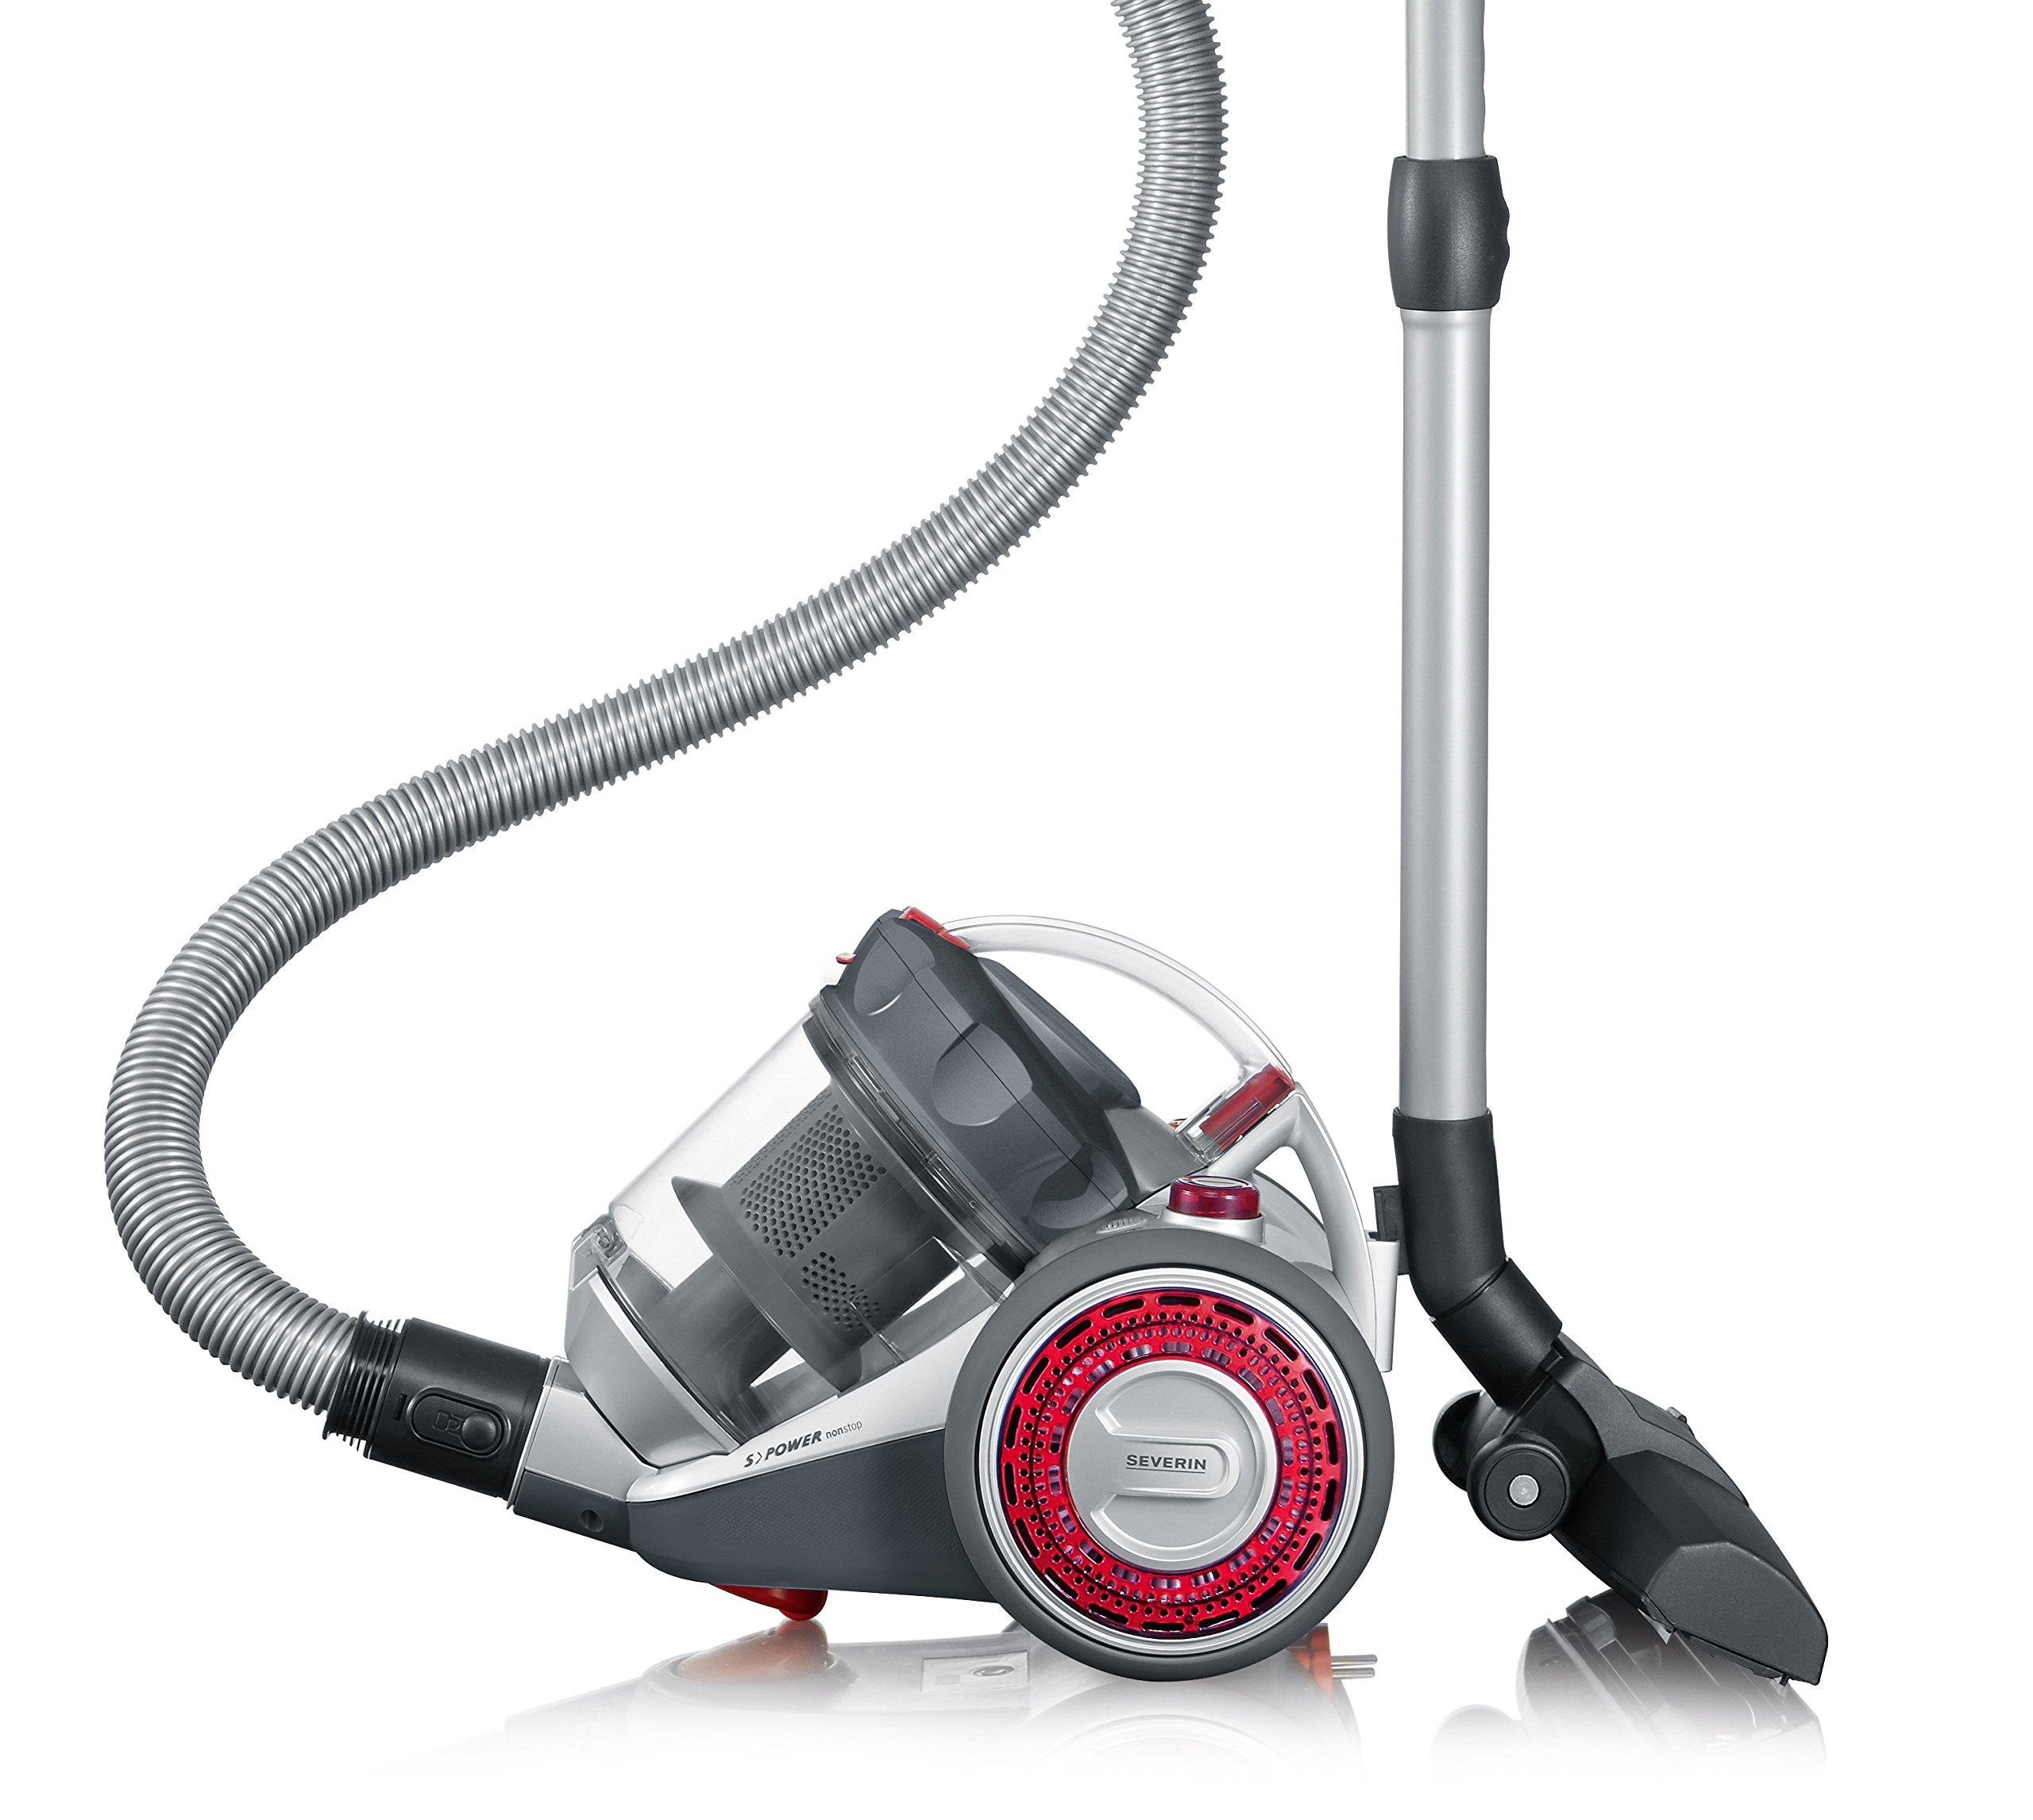 Severin MY 7105 Aspirapolvere Multiciclonico senza Sacco, Filtro HEPA 13, Silenzioso, Compatto, Ottimo per Allergici product image